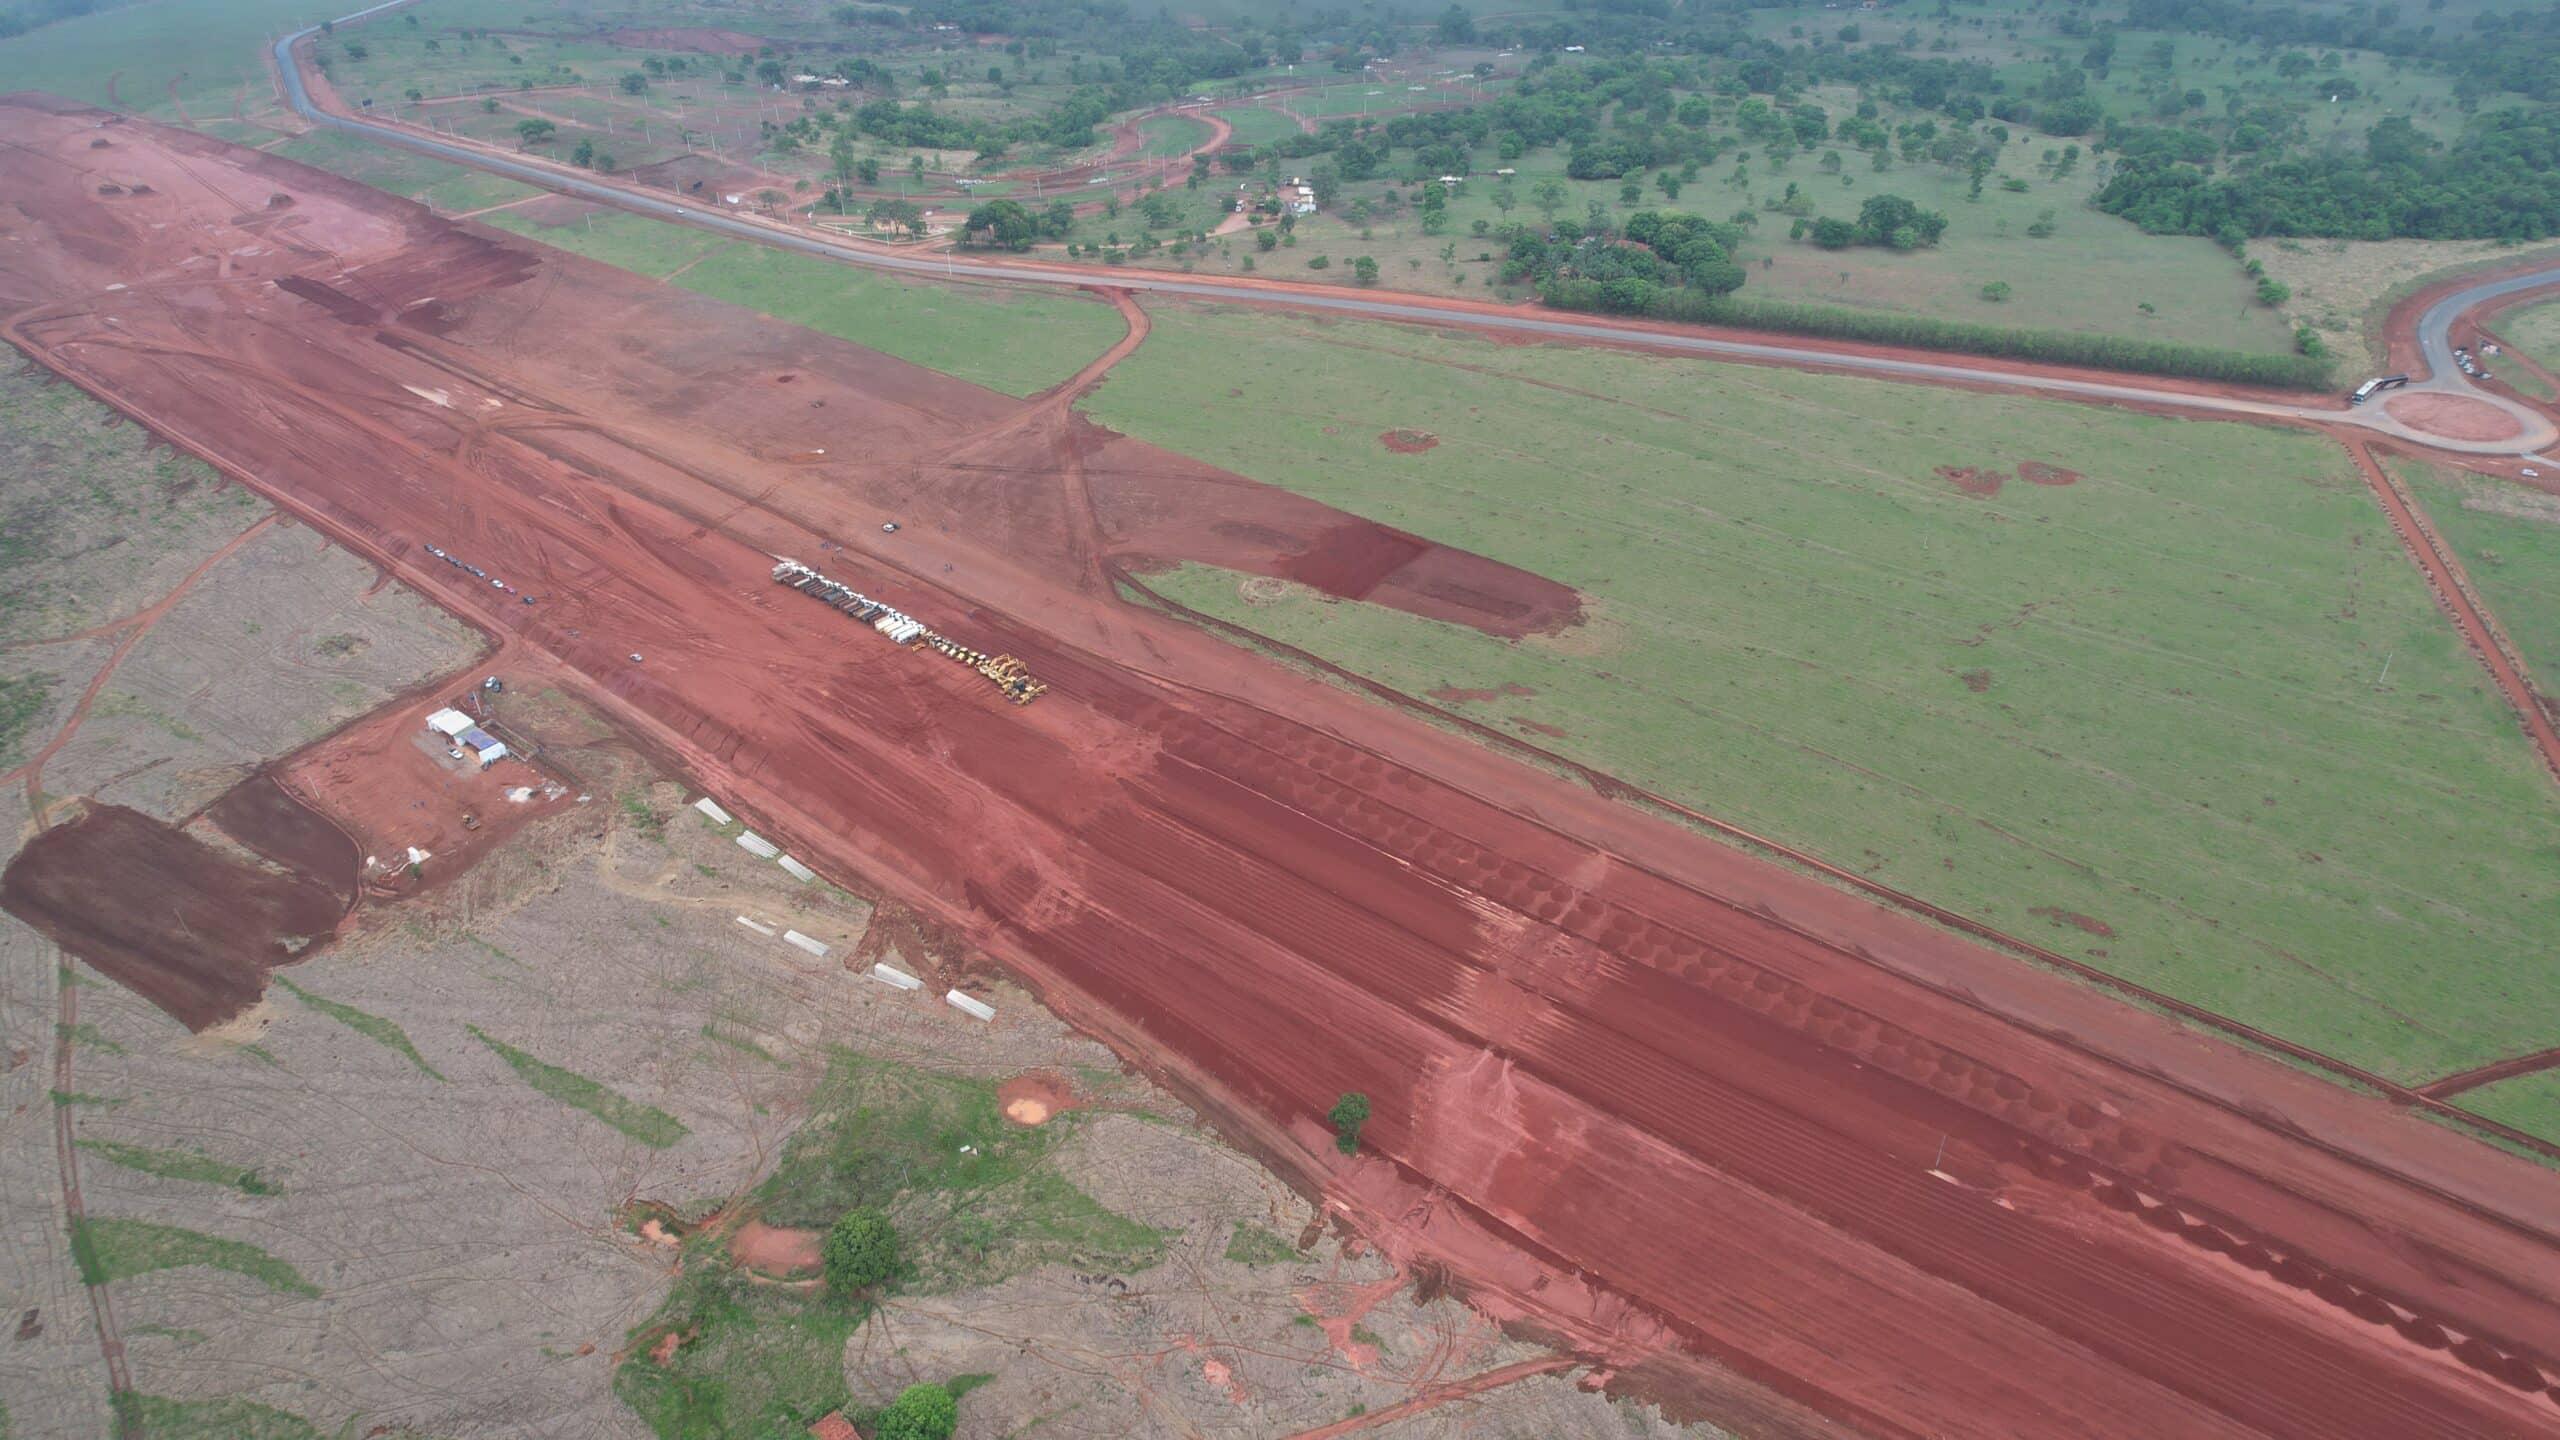 aeroporto - obras - empregos - goiânia - aparecida